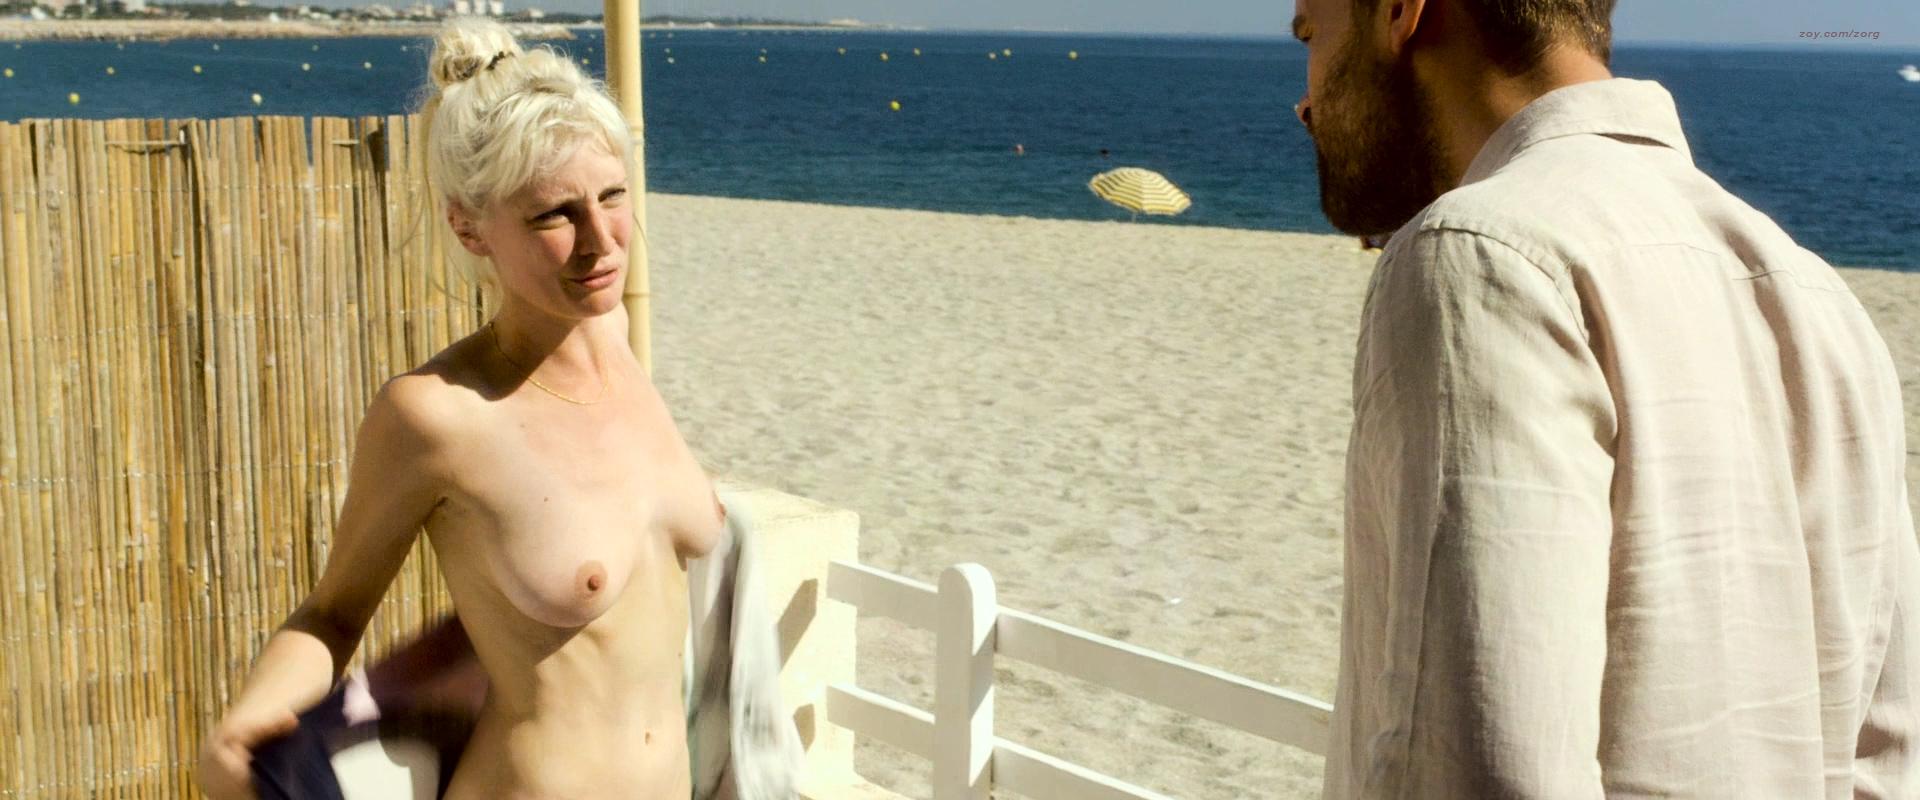 Nackt  Jeanne Rosa Kim Novak